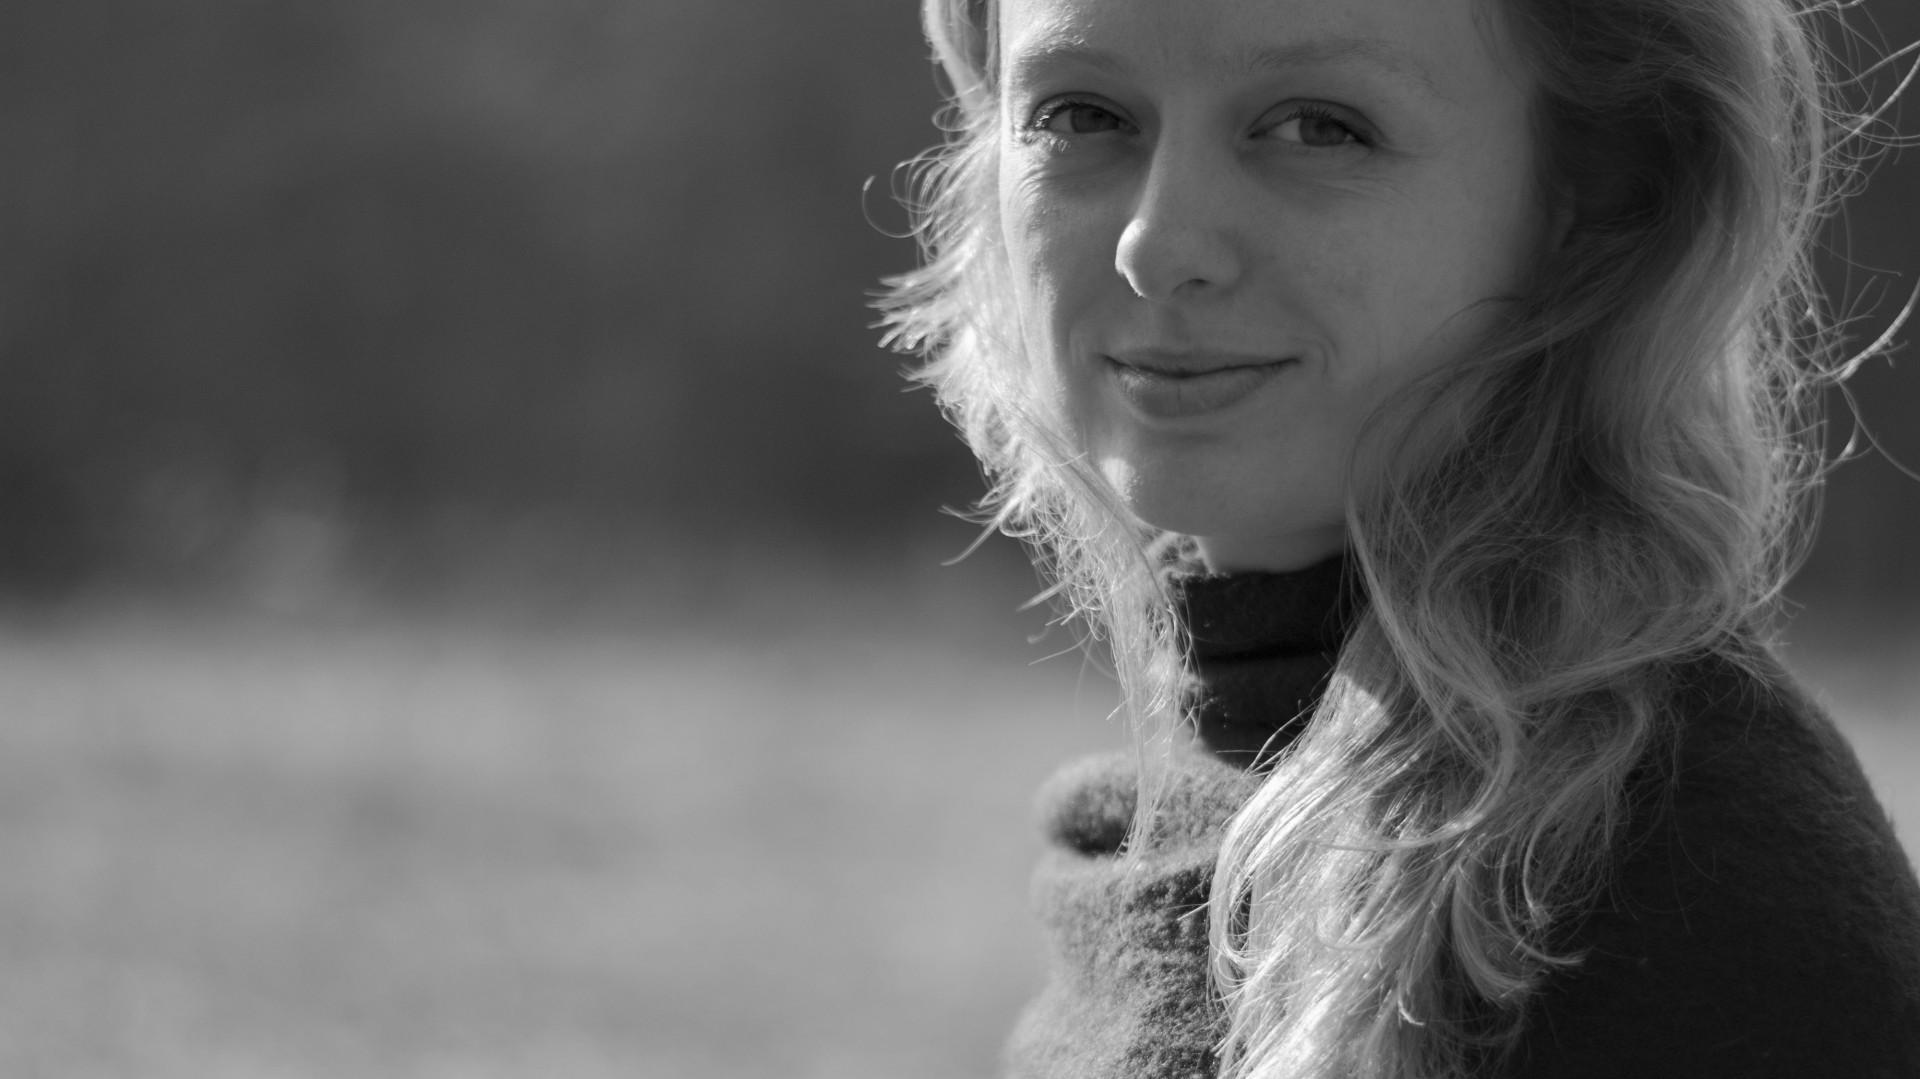 """Izabela Bołoz - projektantka, kuratorka, promotorka polskiego designu, autorkę licznych prac z pogranicza architektury, sztuki i wzornictwa. Wzięła udział w panelu inauguracyjnym pod hasłem """"Elitarny czy masowy? Jaki jest design"""" podczas IV edycji Forum Dobrego Designu 7 grudnia 2016 r."""